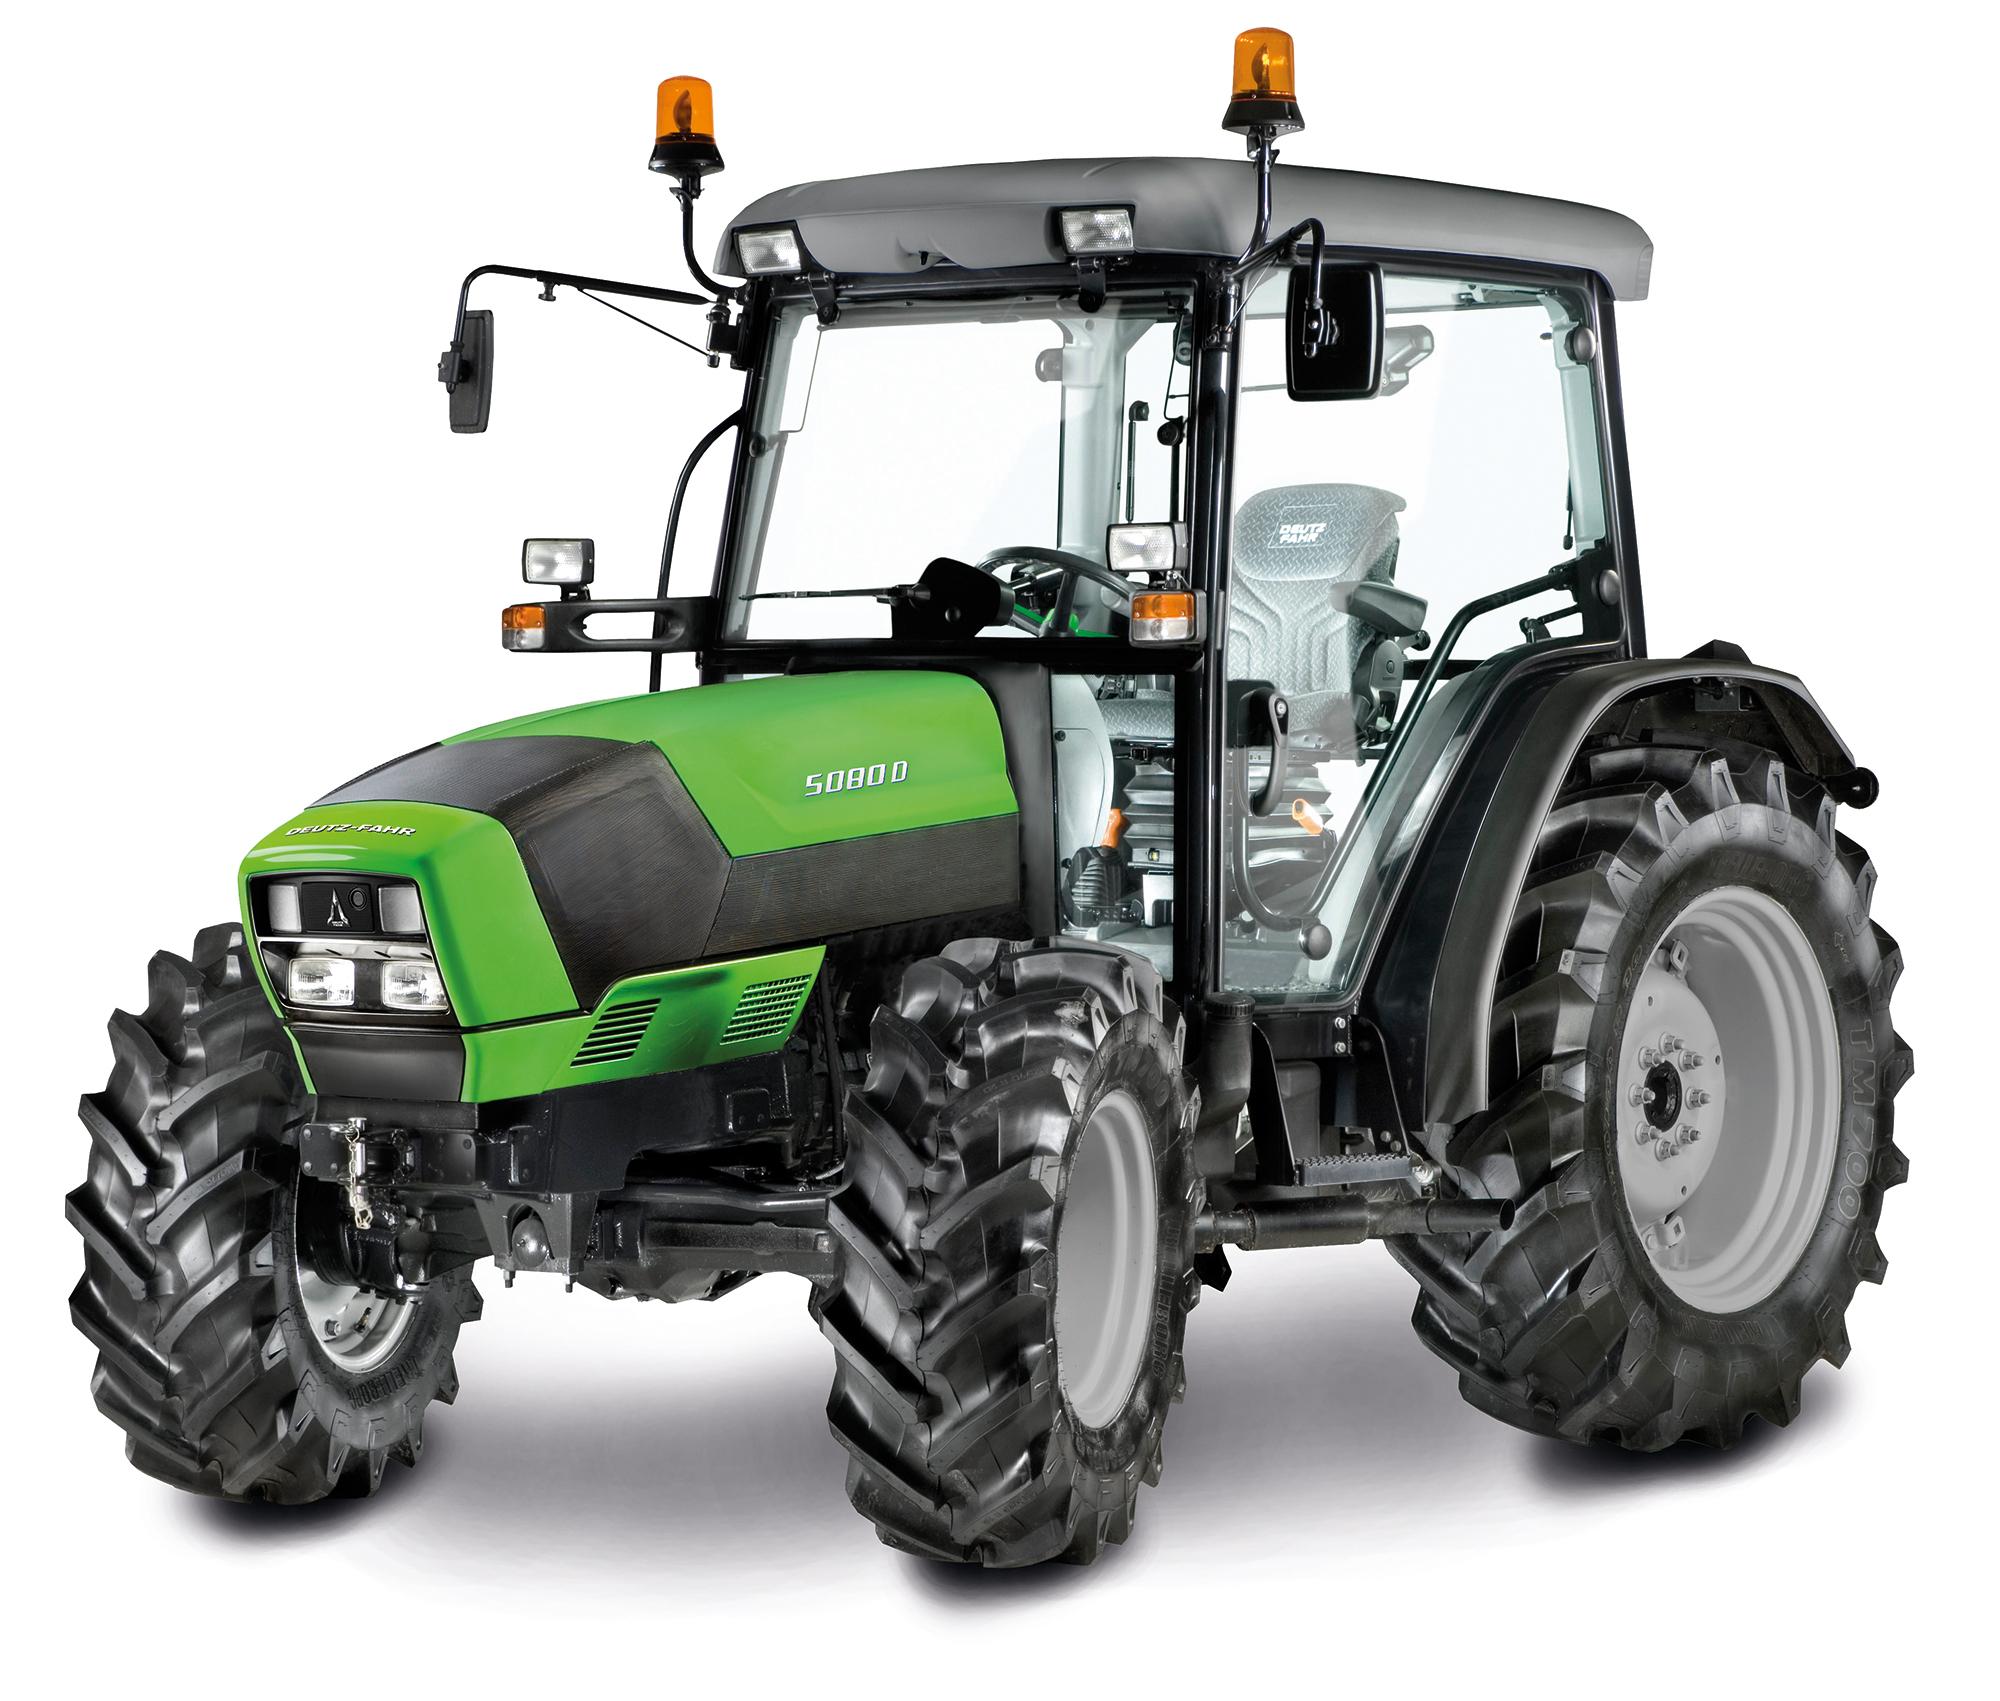 Deutz-Fahr 5D-serien, traktorer med maximal teknologi och ergonomi i minsta möjliga förpackning